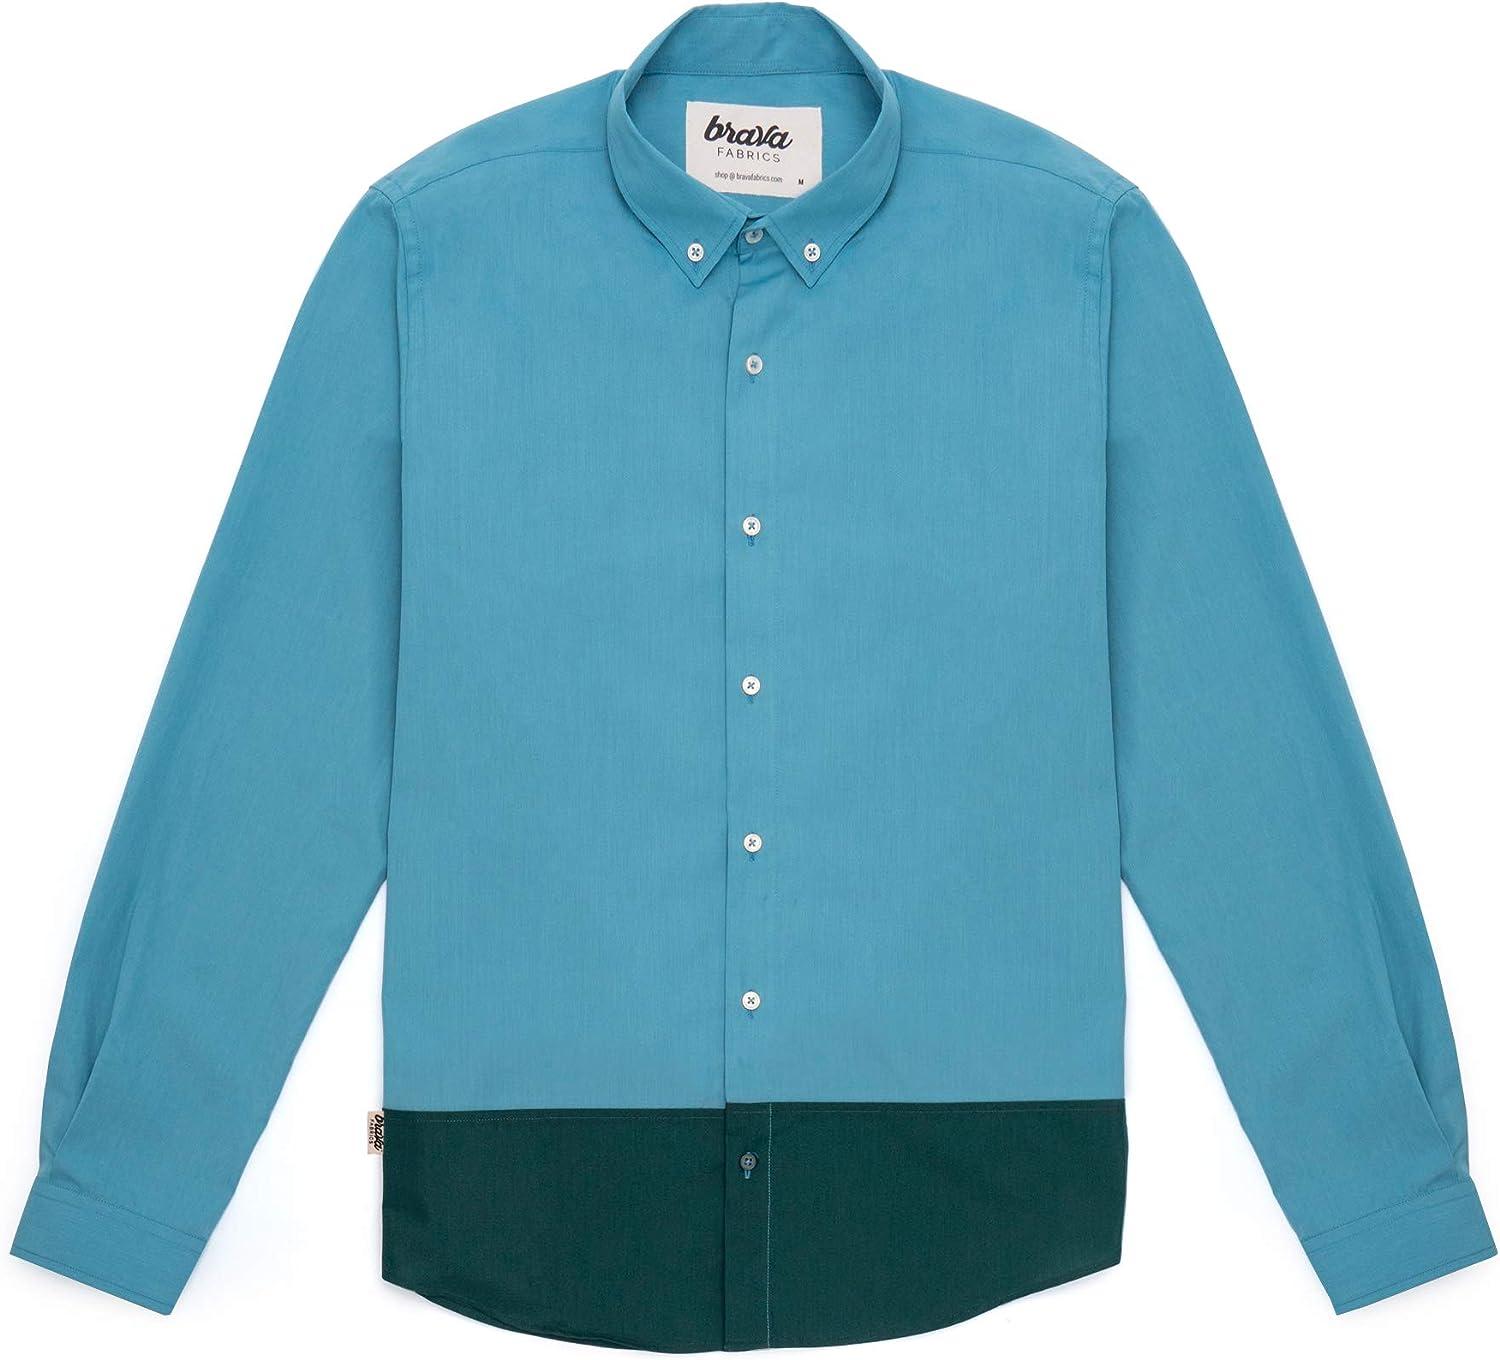 Brava Fabrics | Camisa Hombre Manga Larga Estampada | Camisa Azul para Hombre | Camisa Casual Regular Fit | 100% Algodón | Modelo Niagara Tile Essential | Talla: Amazon.es: Ropa y accesorios